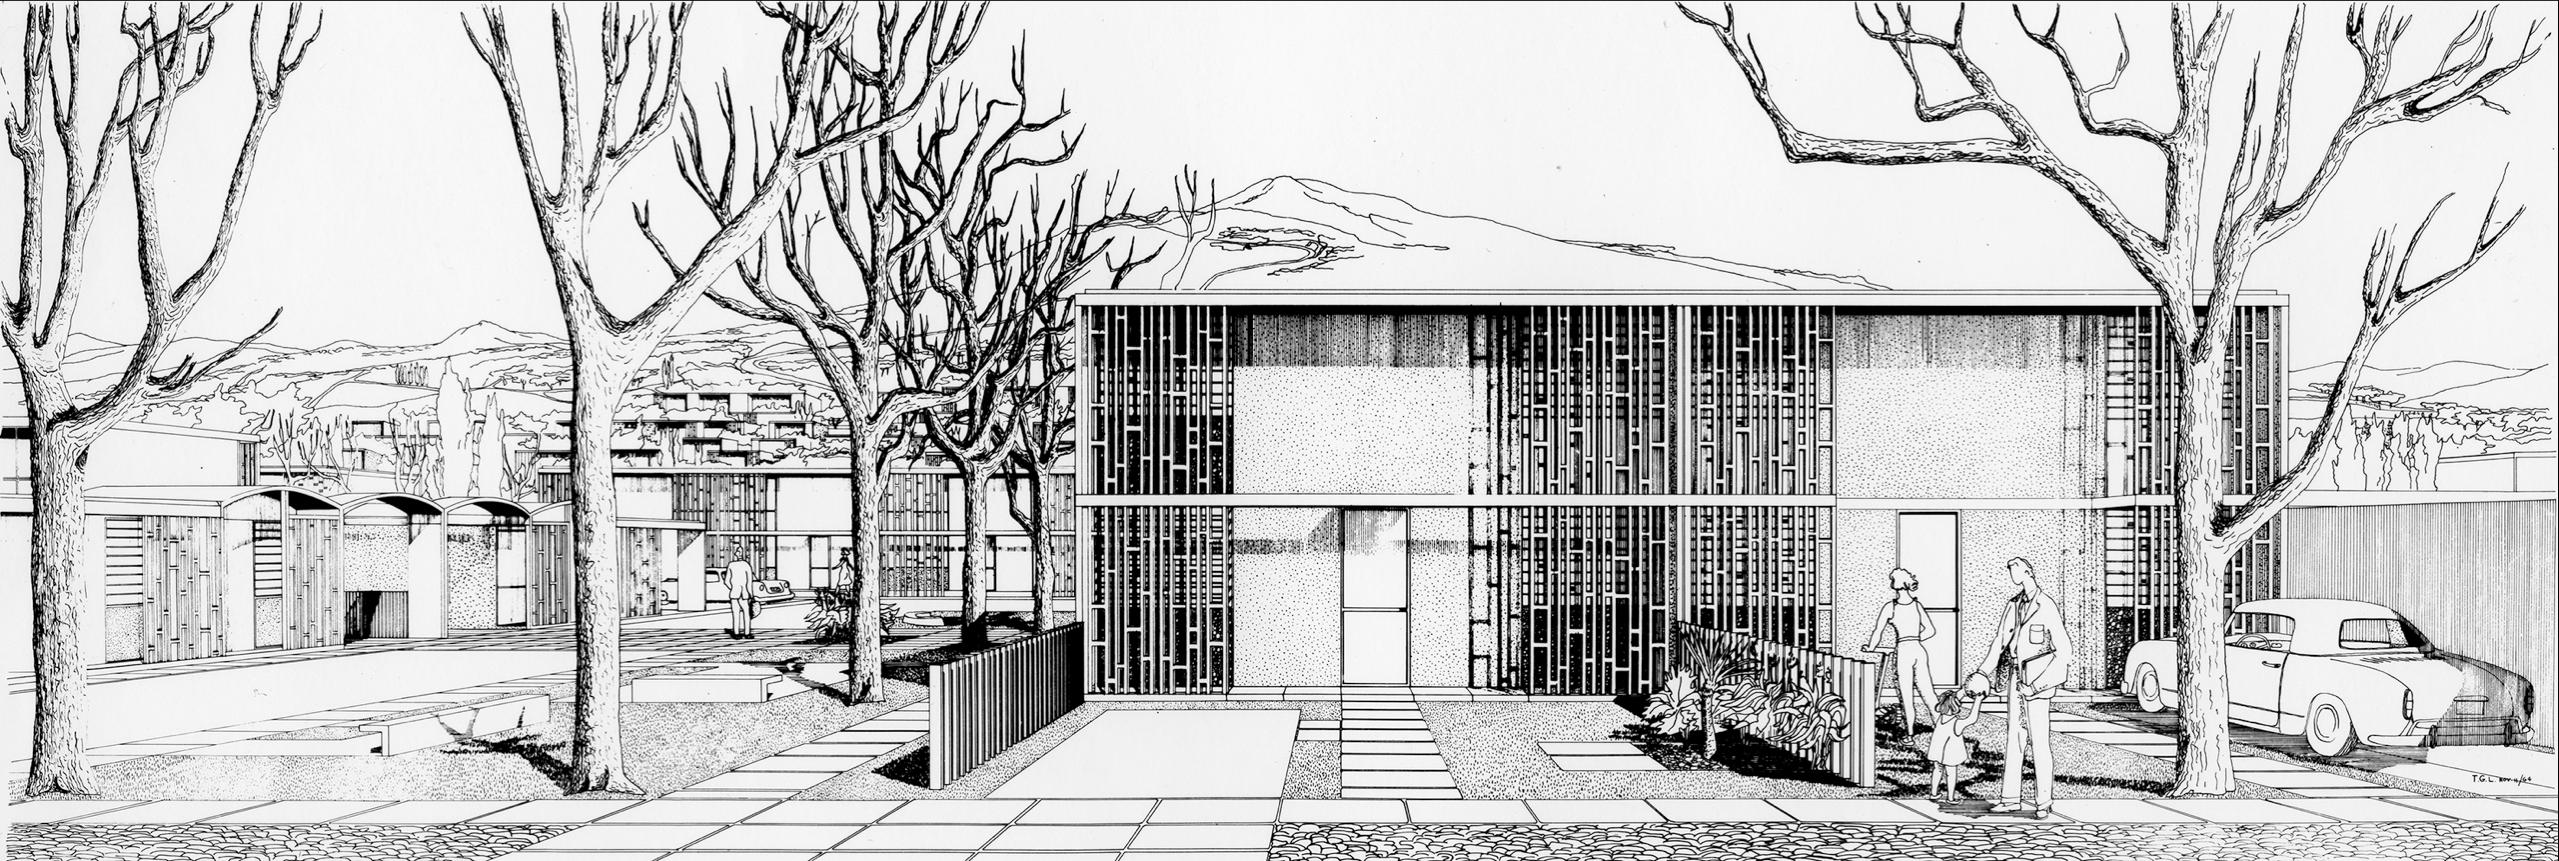 Teodoro Gonzlez de Len Dibujos en perspectiva  Arquine